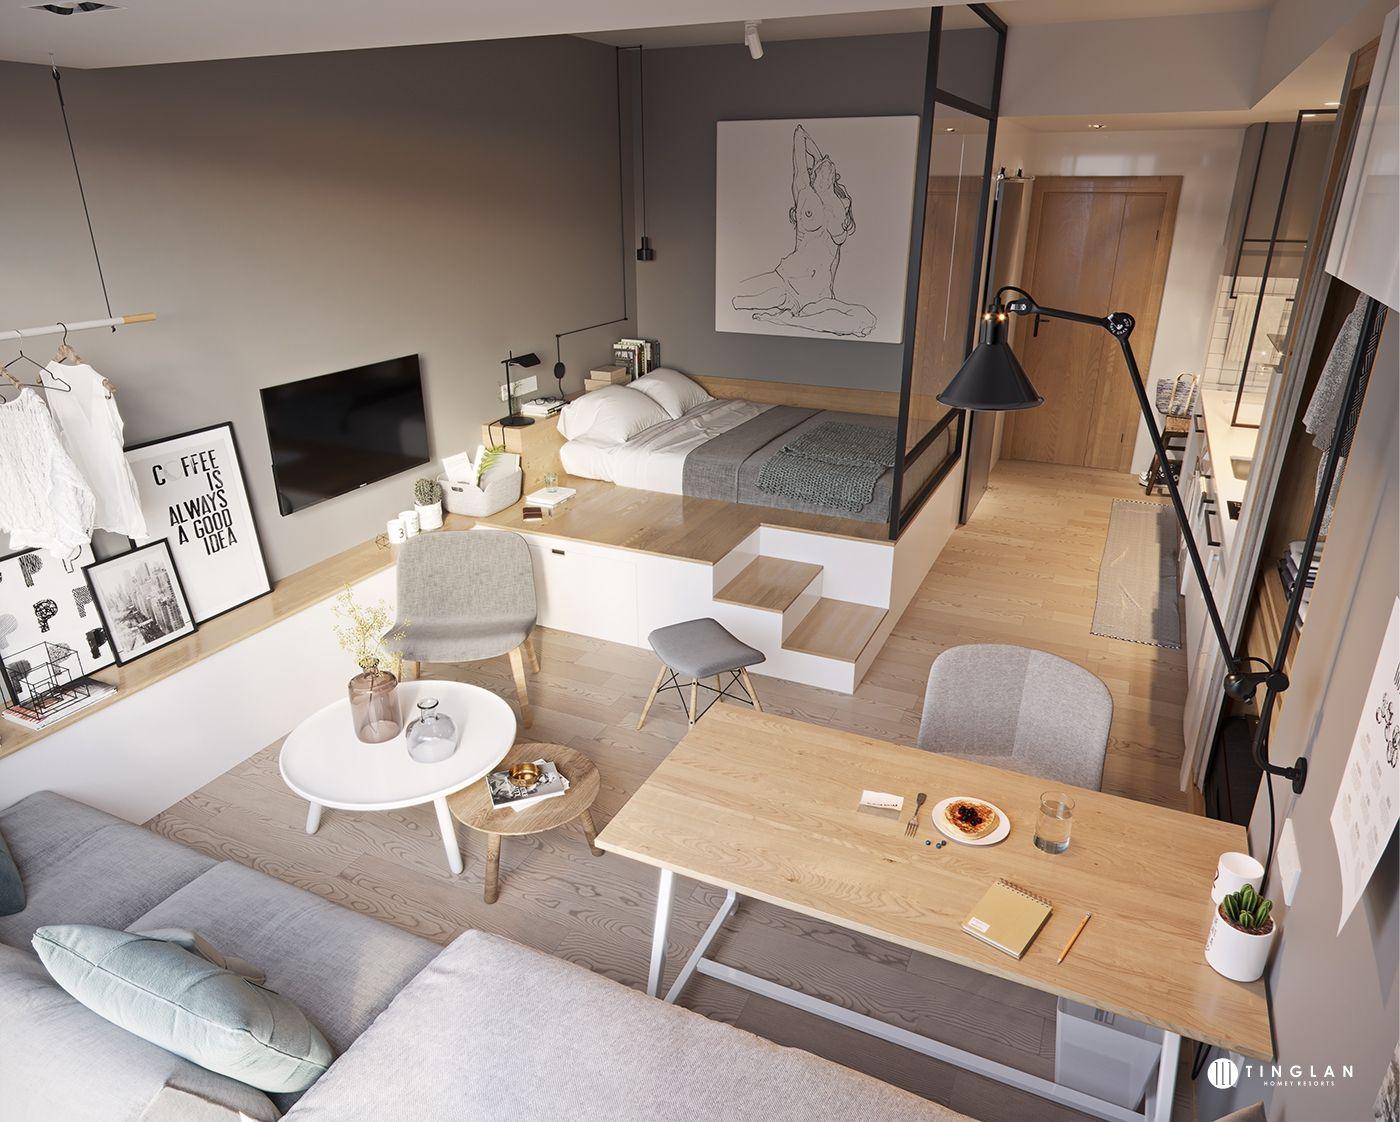 Đừng bỏ qua những ý tưởng này nếu bạn đang có dự định thiết kế một căn hộ studio nhỏ - Ảnh 7.